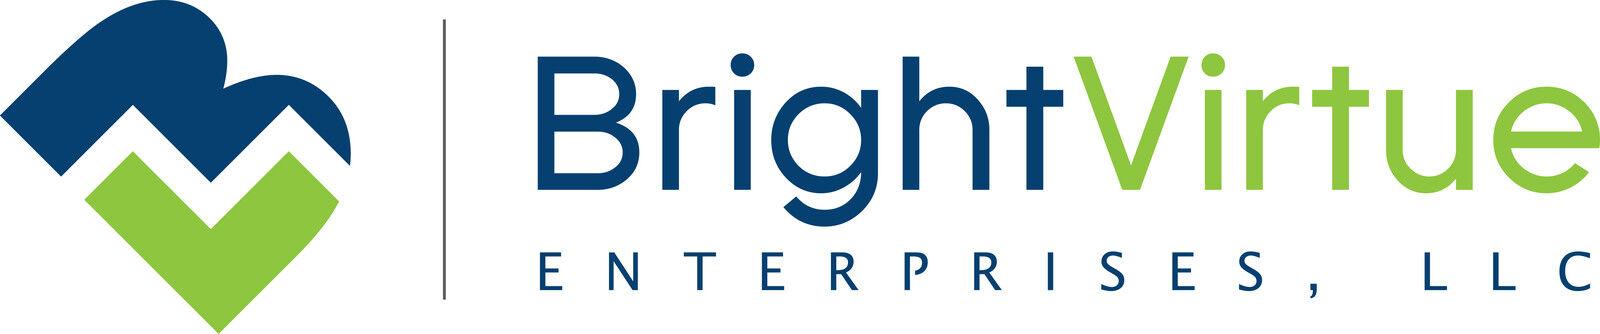 BrightVirtue